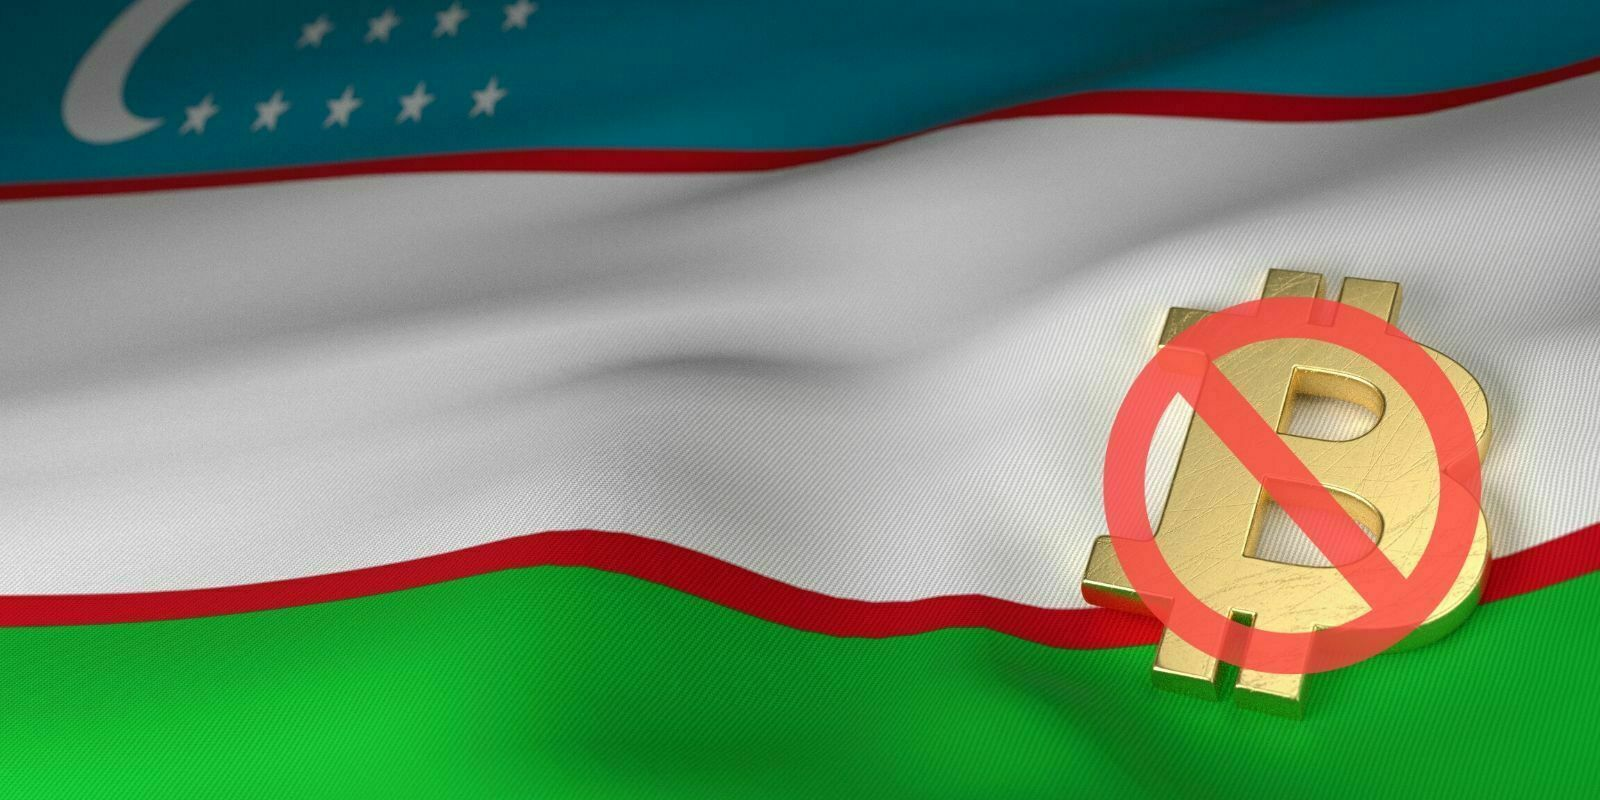 L'Ouzbékistan interdit l'achat de cryptomonnaies à ses citoyens